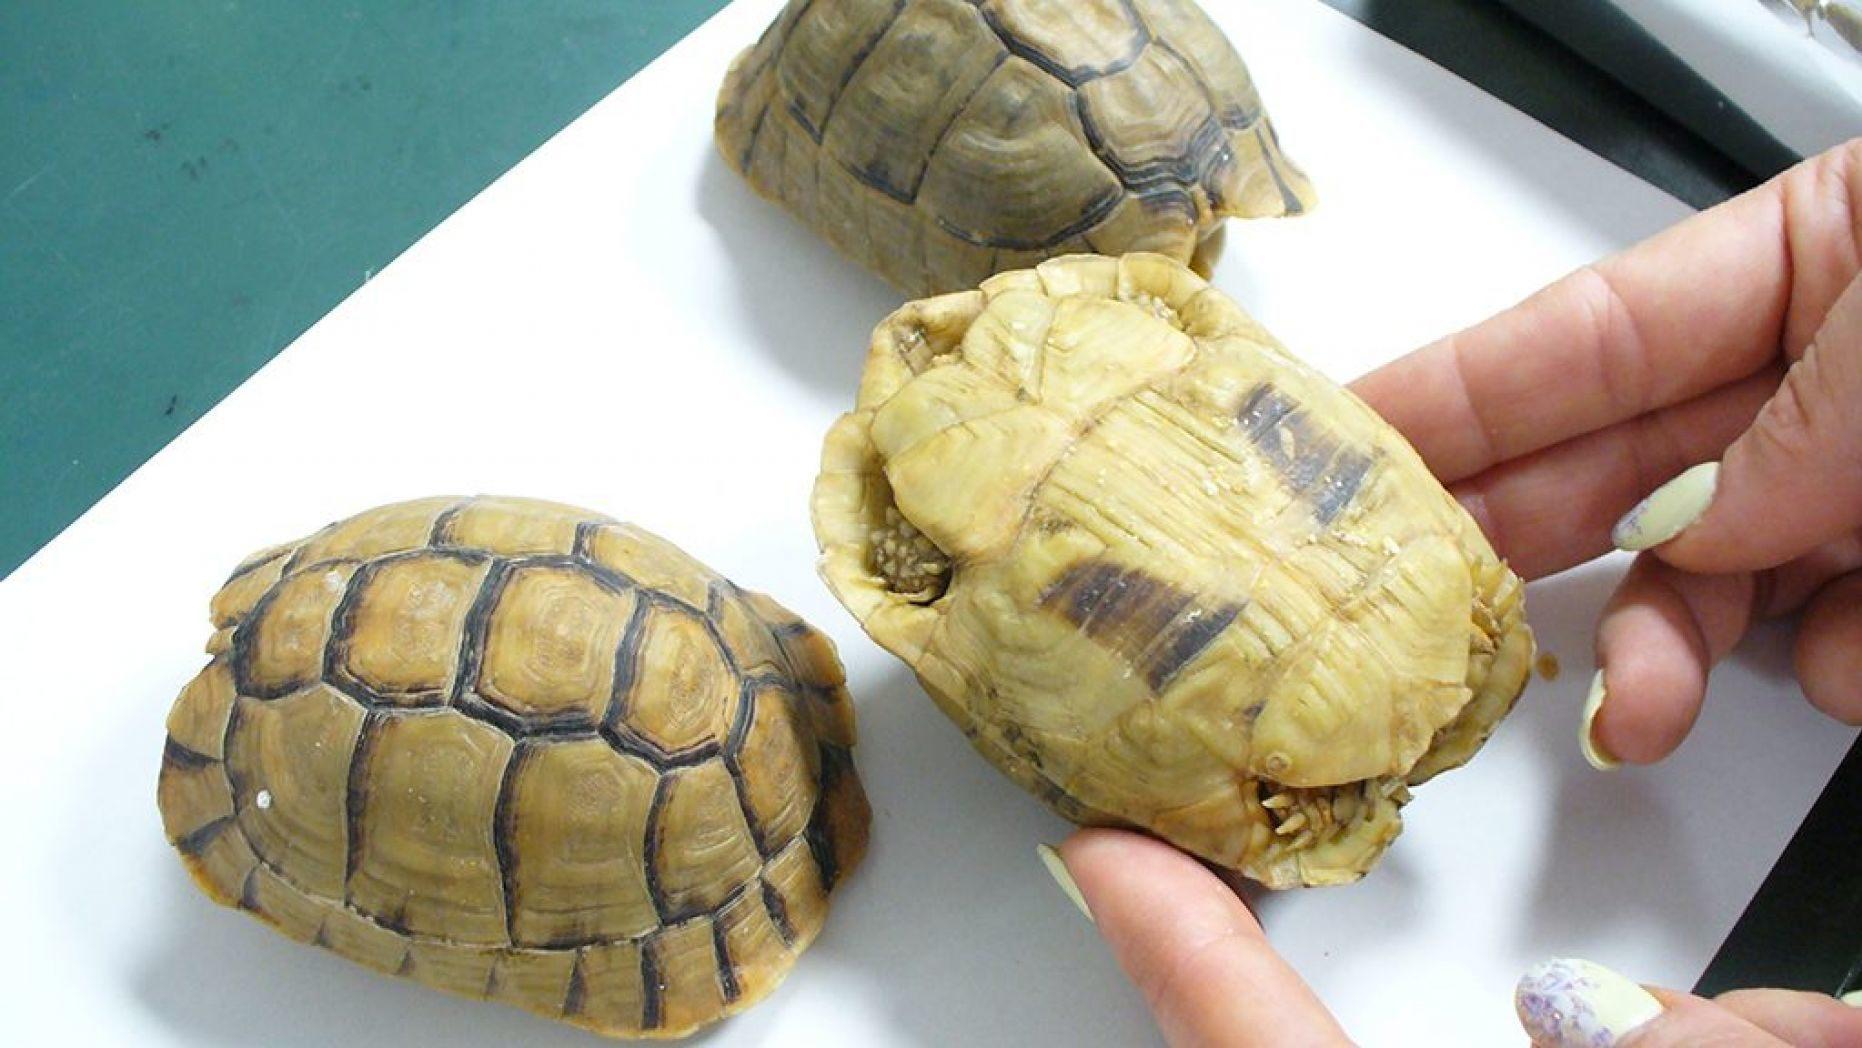 Пассажир замаскировал черепах под пирожные, чтобы вывезти